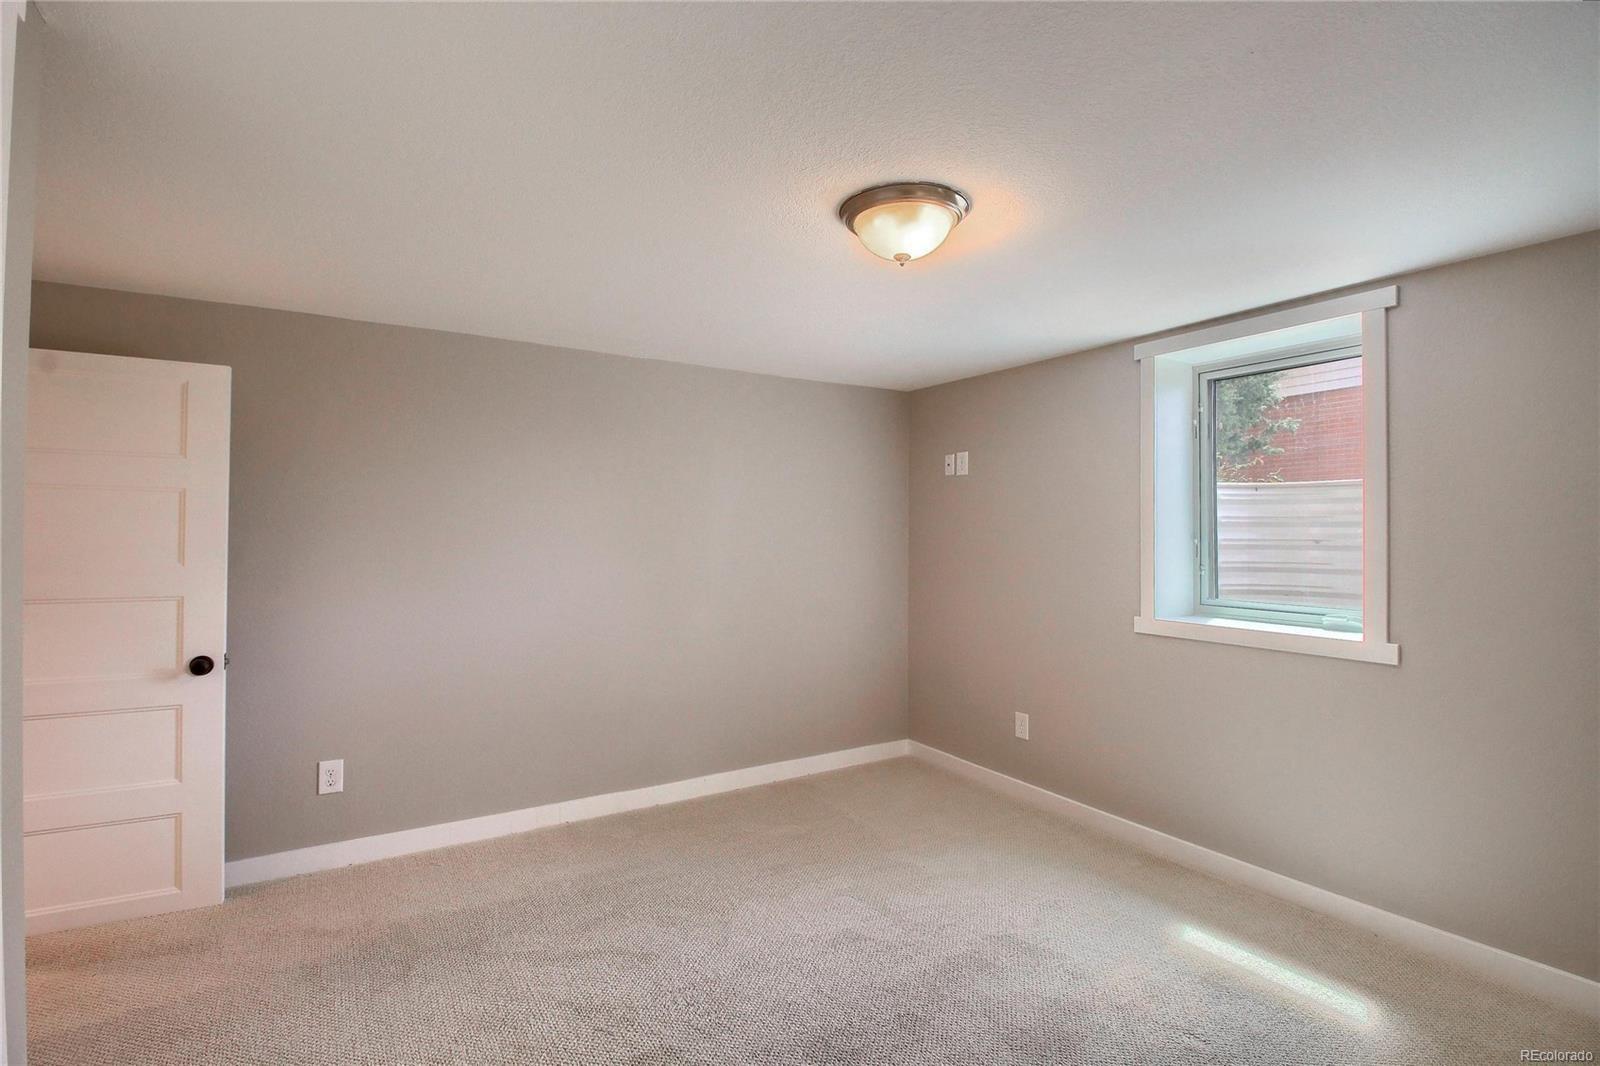 MLS# 1867990 - 1 - 2754  S Utica Street, Denver, CO 80236